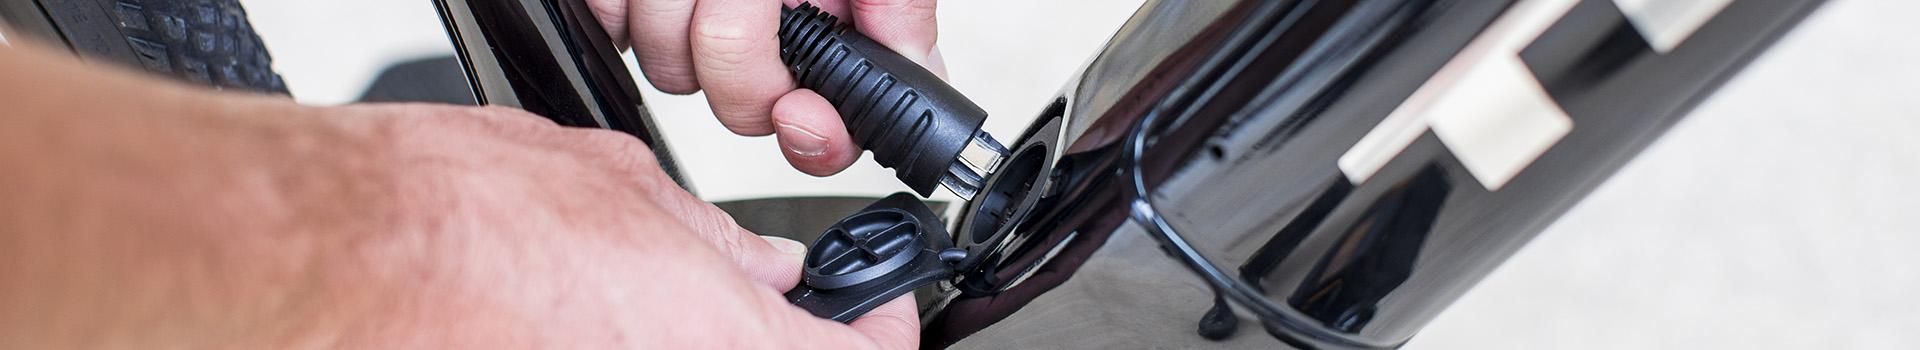 Opladen of heroplappen van de e-bike